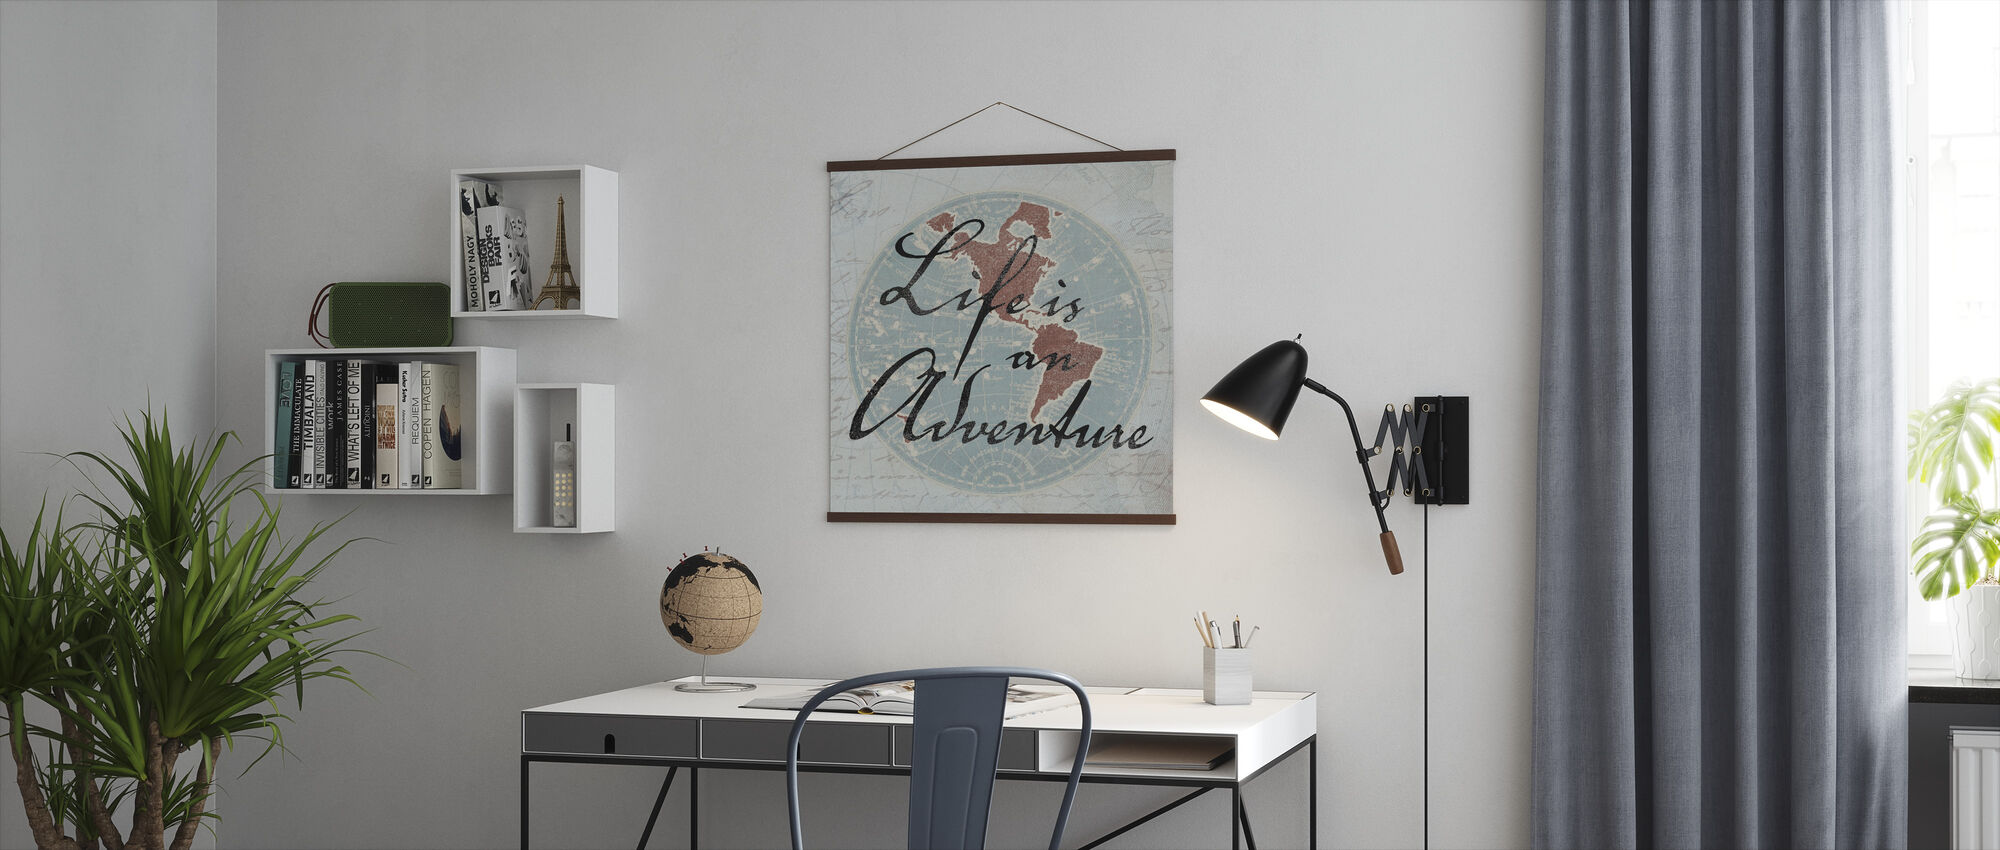 Livet er et eventyr - Plakat - Kontor